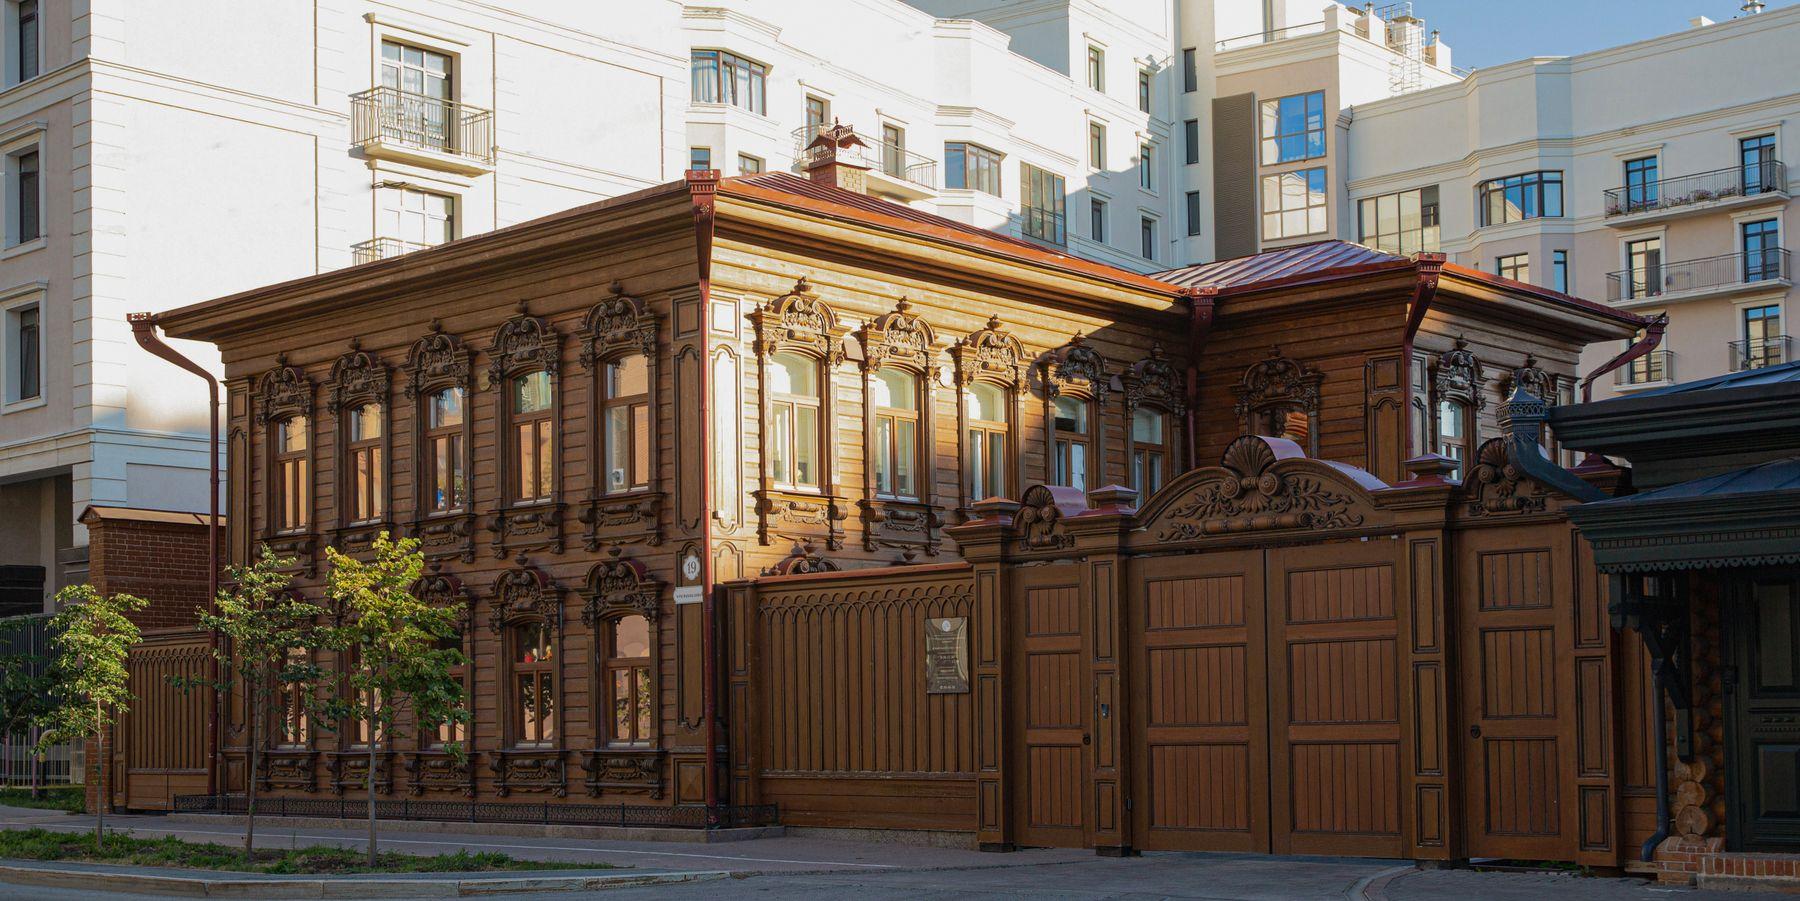 Дом на Осипенко Тюмень Резьба Стиль Деревянная резьба